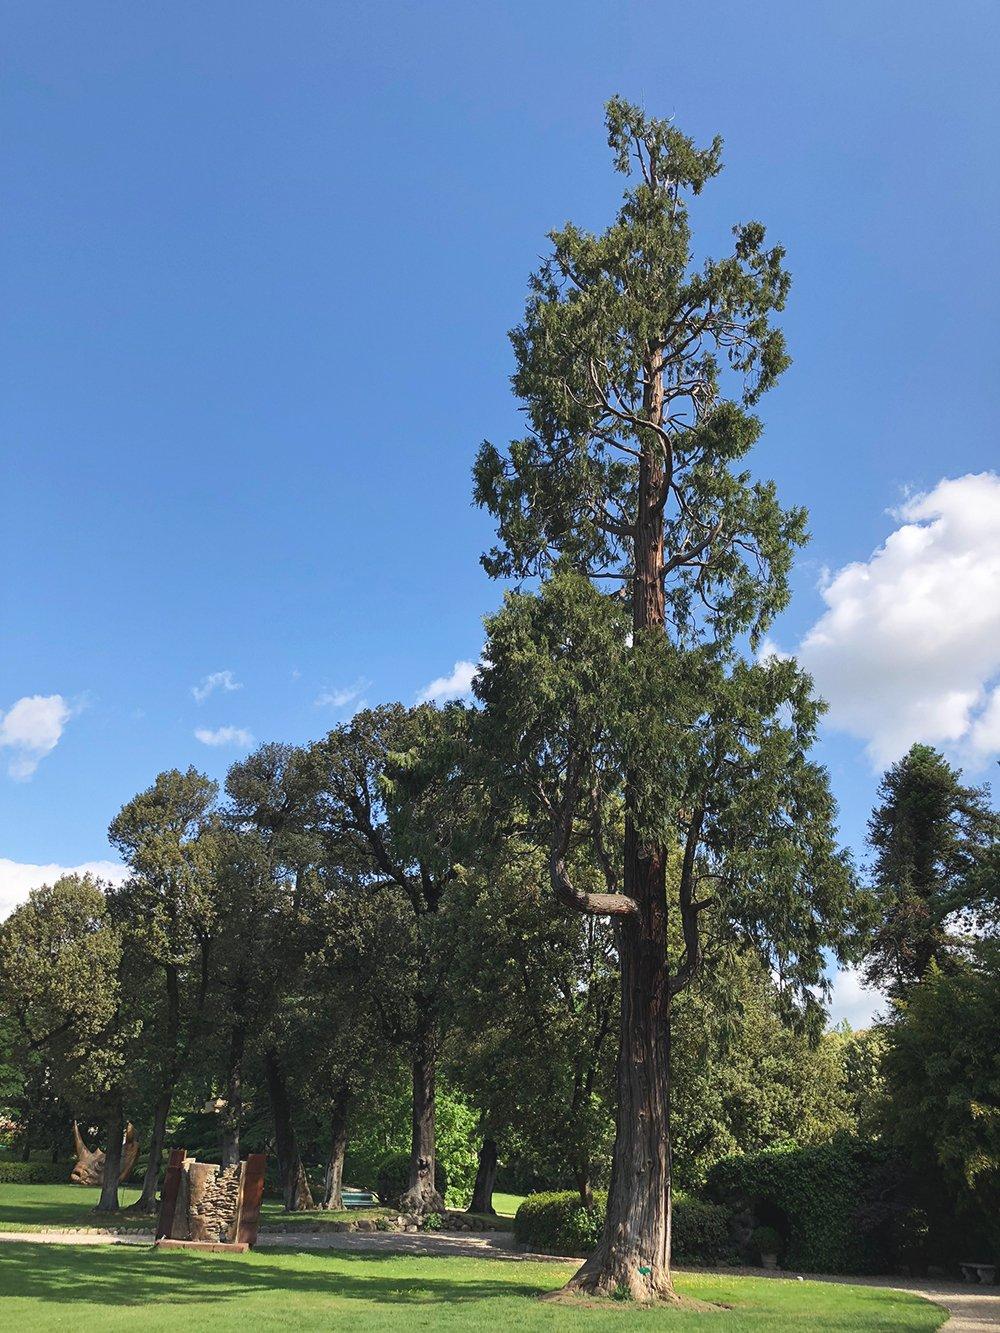 Giardini segreti di firenze giardino della gherardesca sequoia gigante